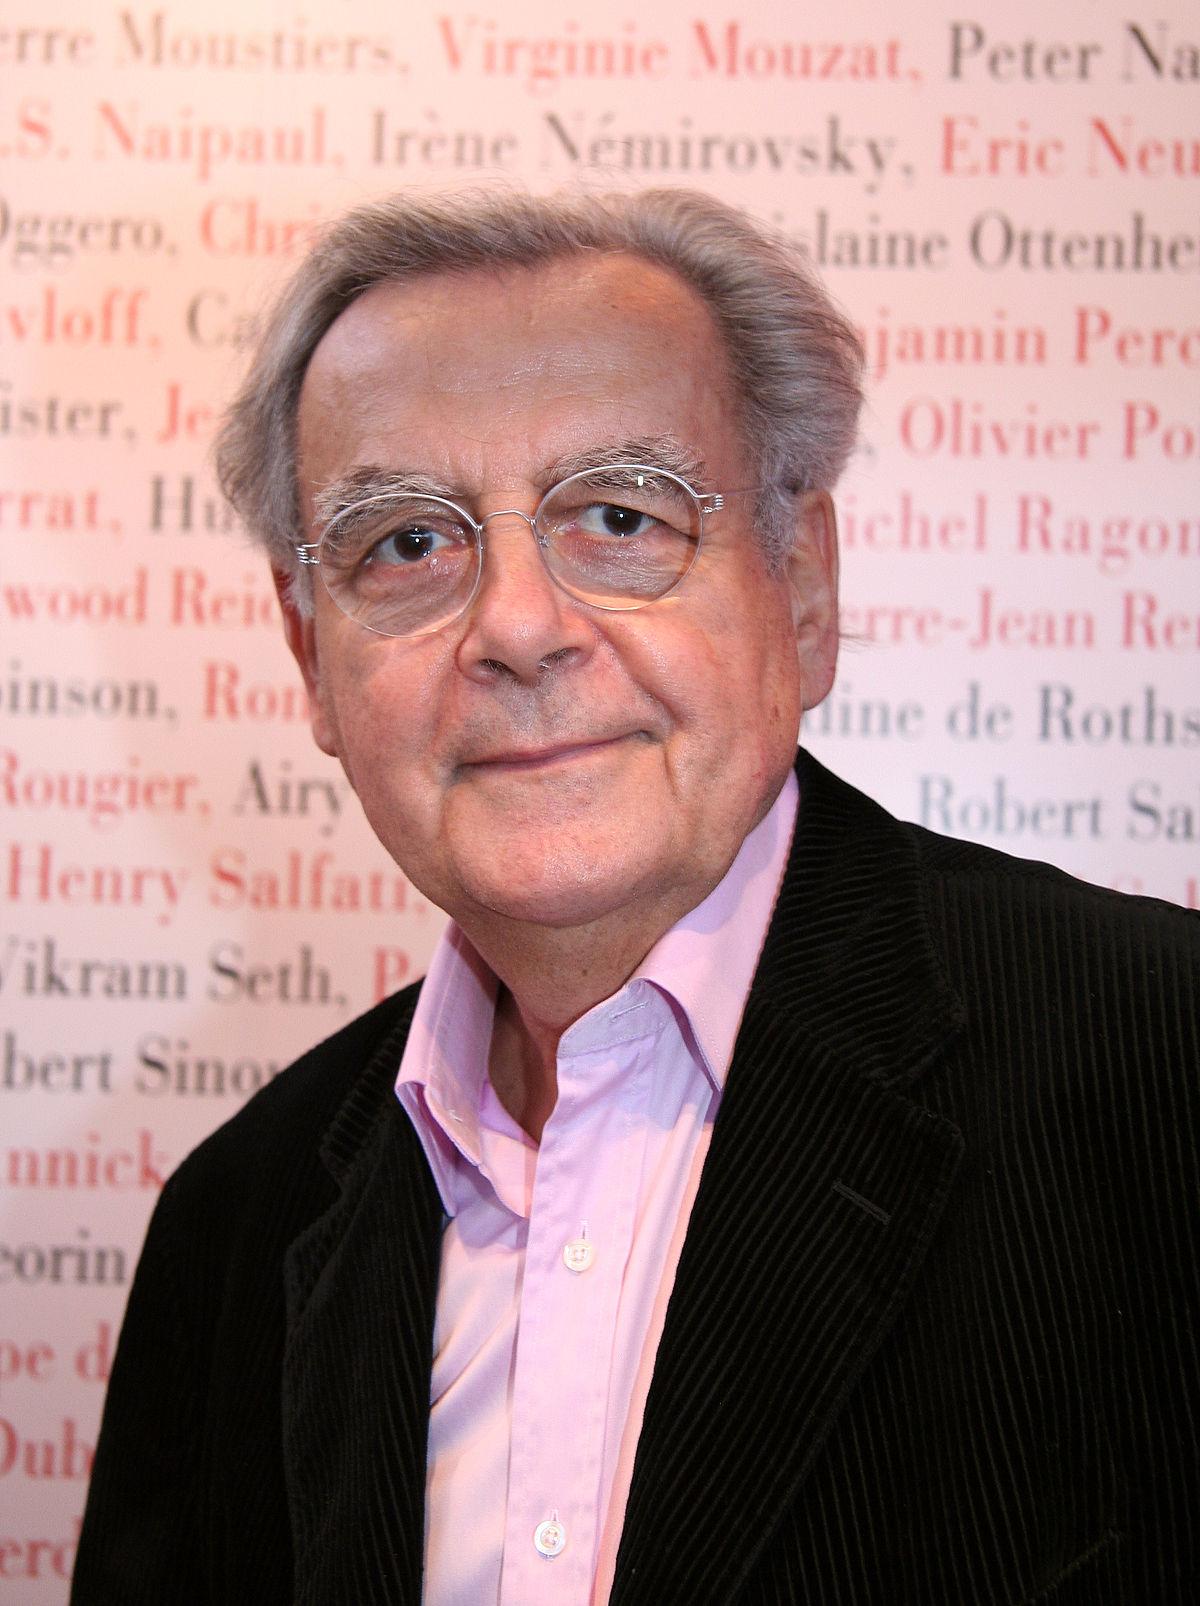 Bernard Pivot  Wikipedia